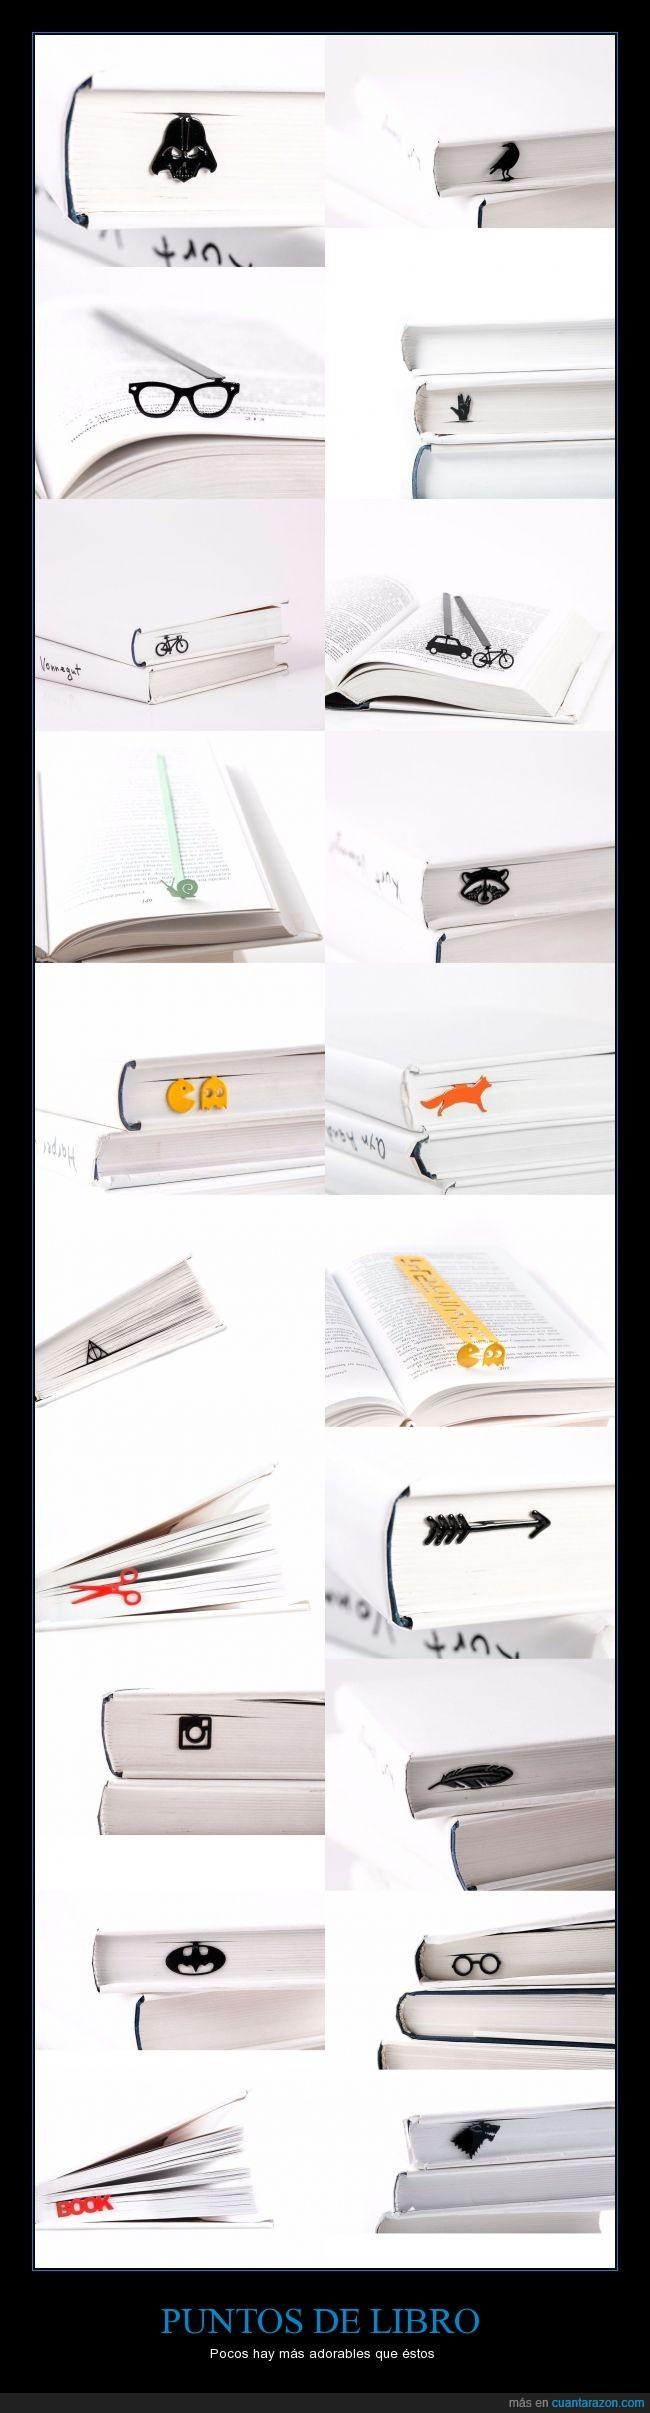 acero,batman,darth vader,Gafas,Harry Potter,libro,marca,marcador,punto,stark